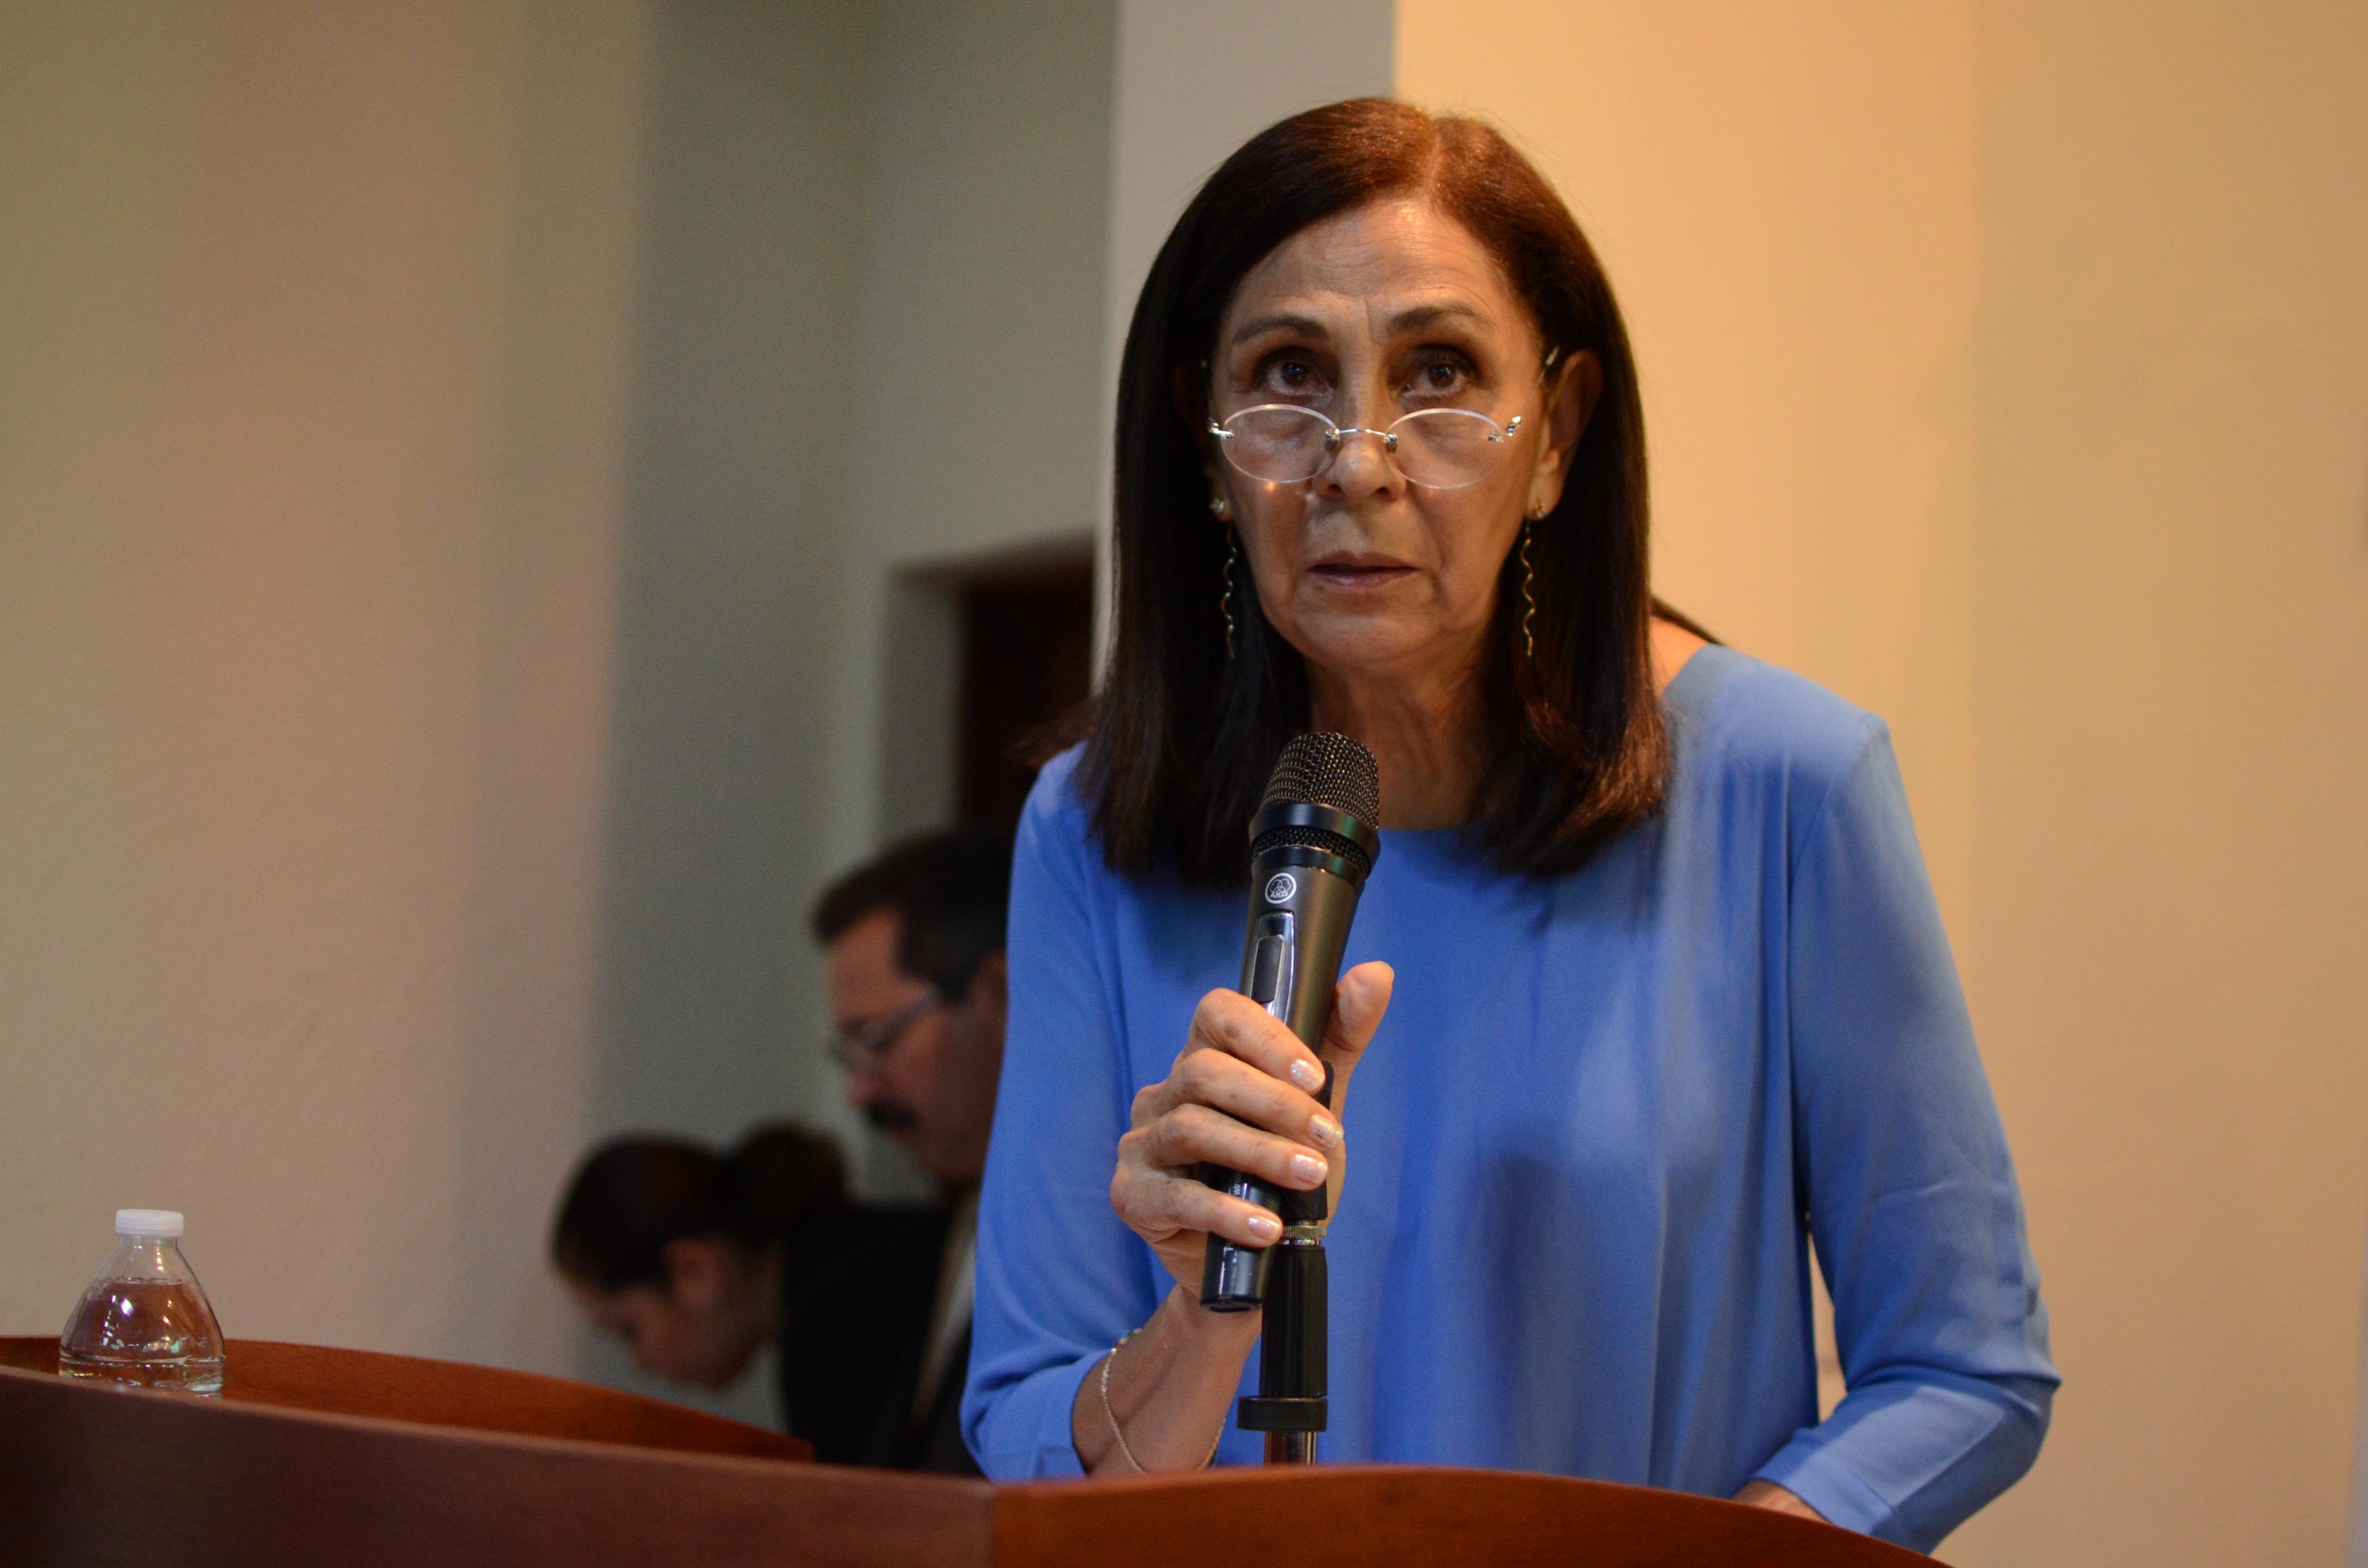 Mtra. Sofía Morfín Zepeda tomando la palabra en el XXXV Aniversario Lic. Cultura Física y Depoortes